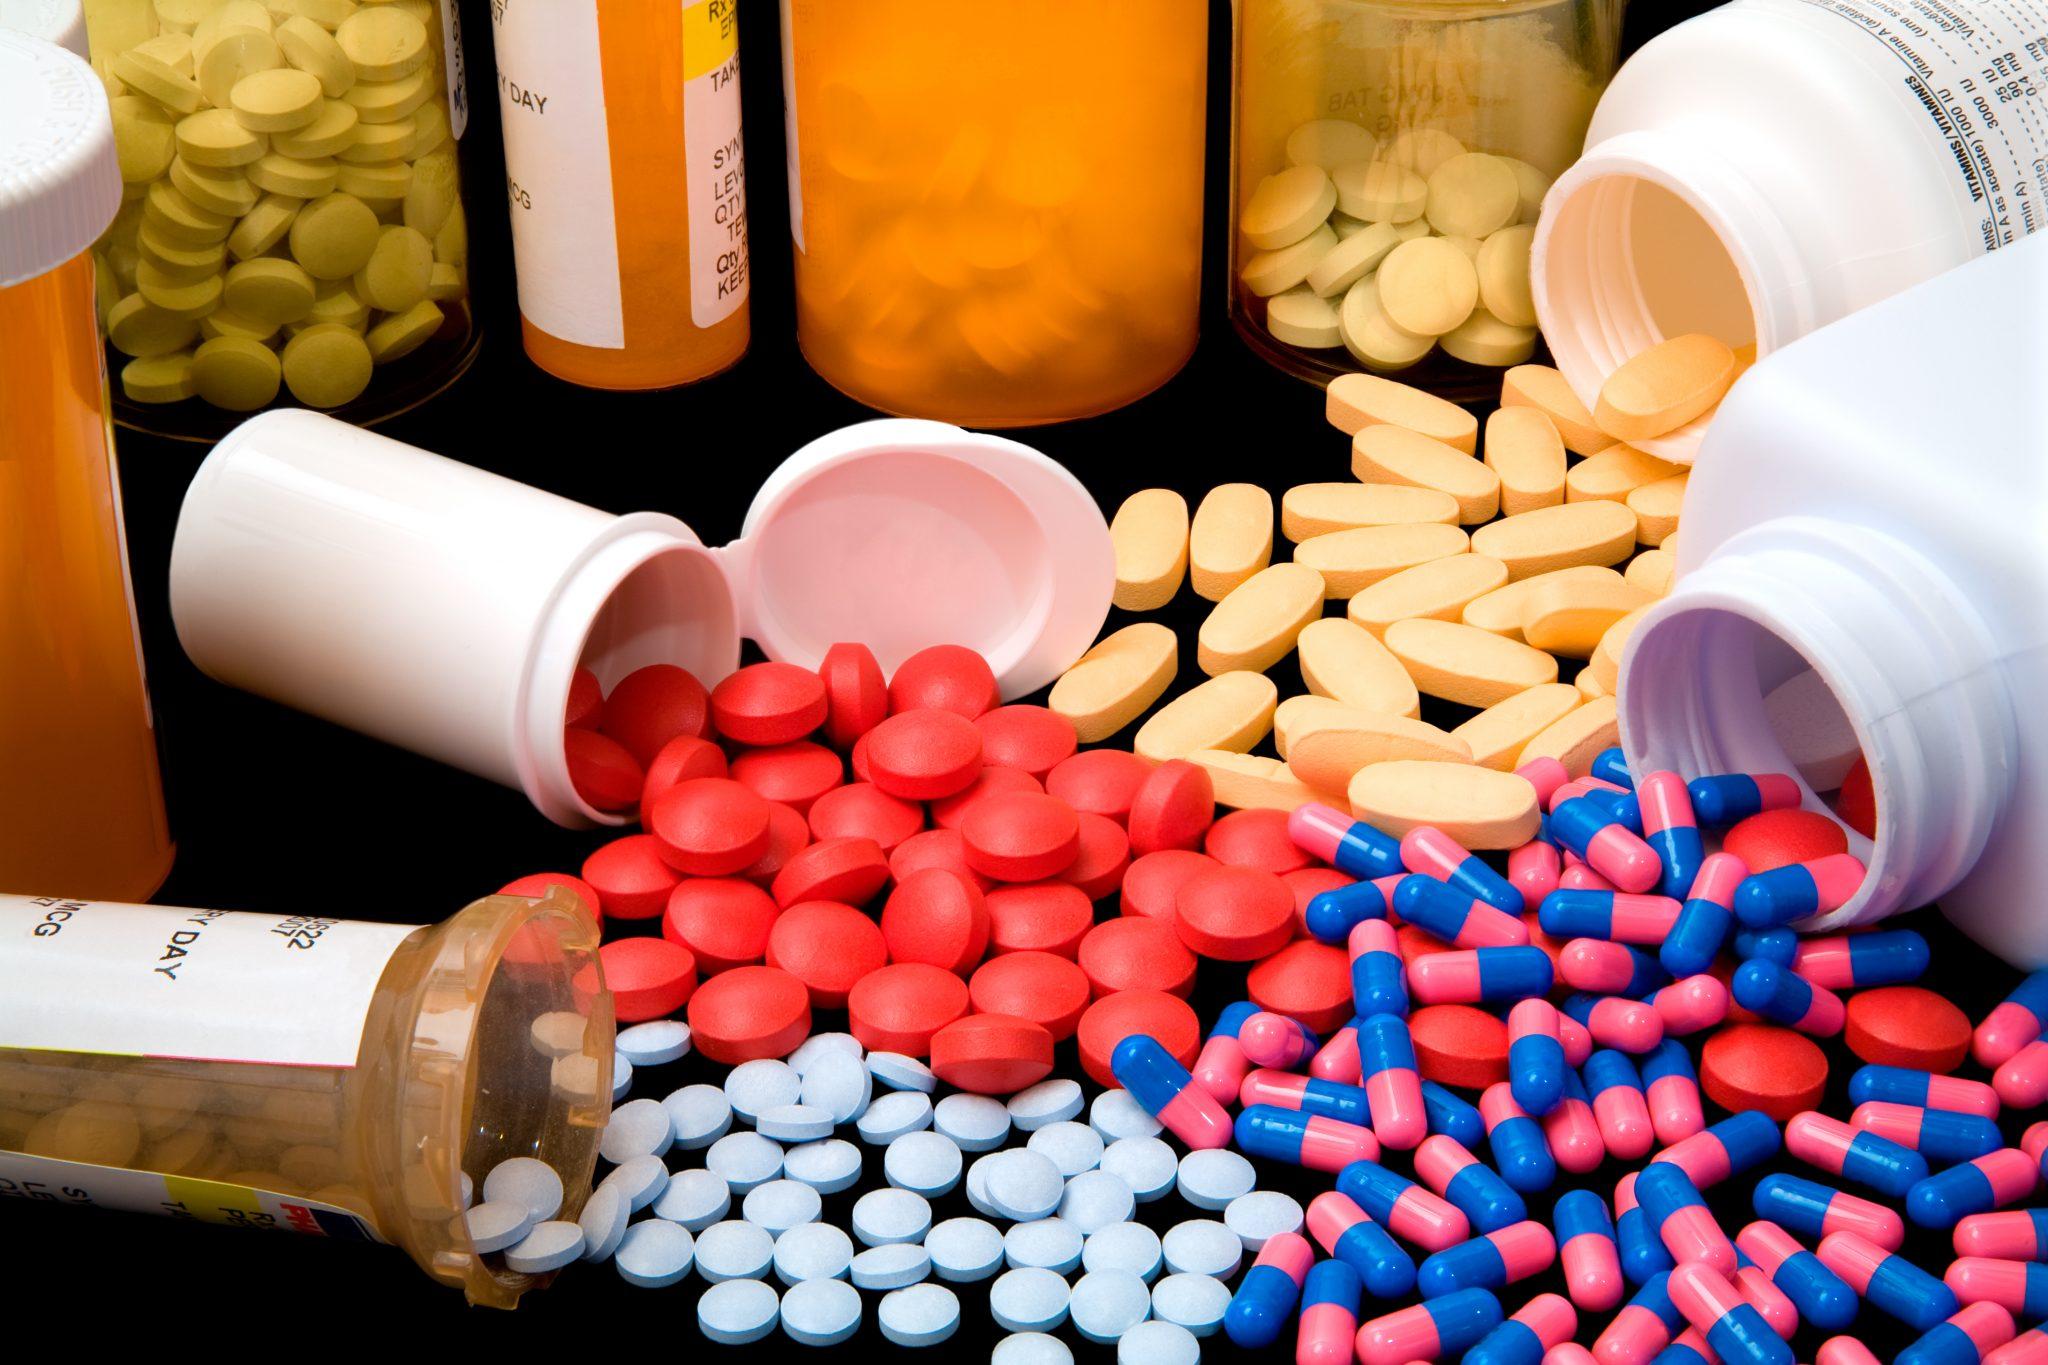 Cât de eficiente sunt medicamentele expirate